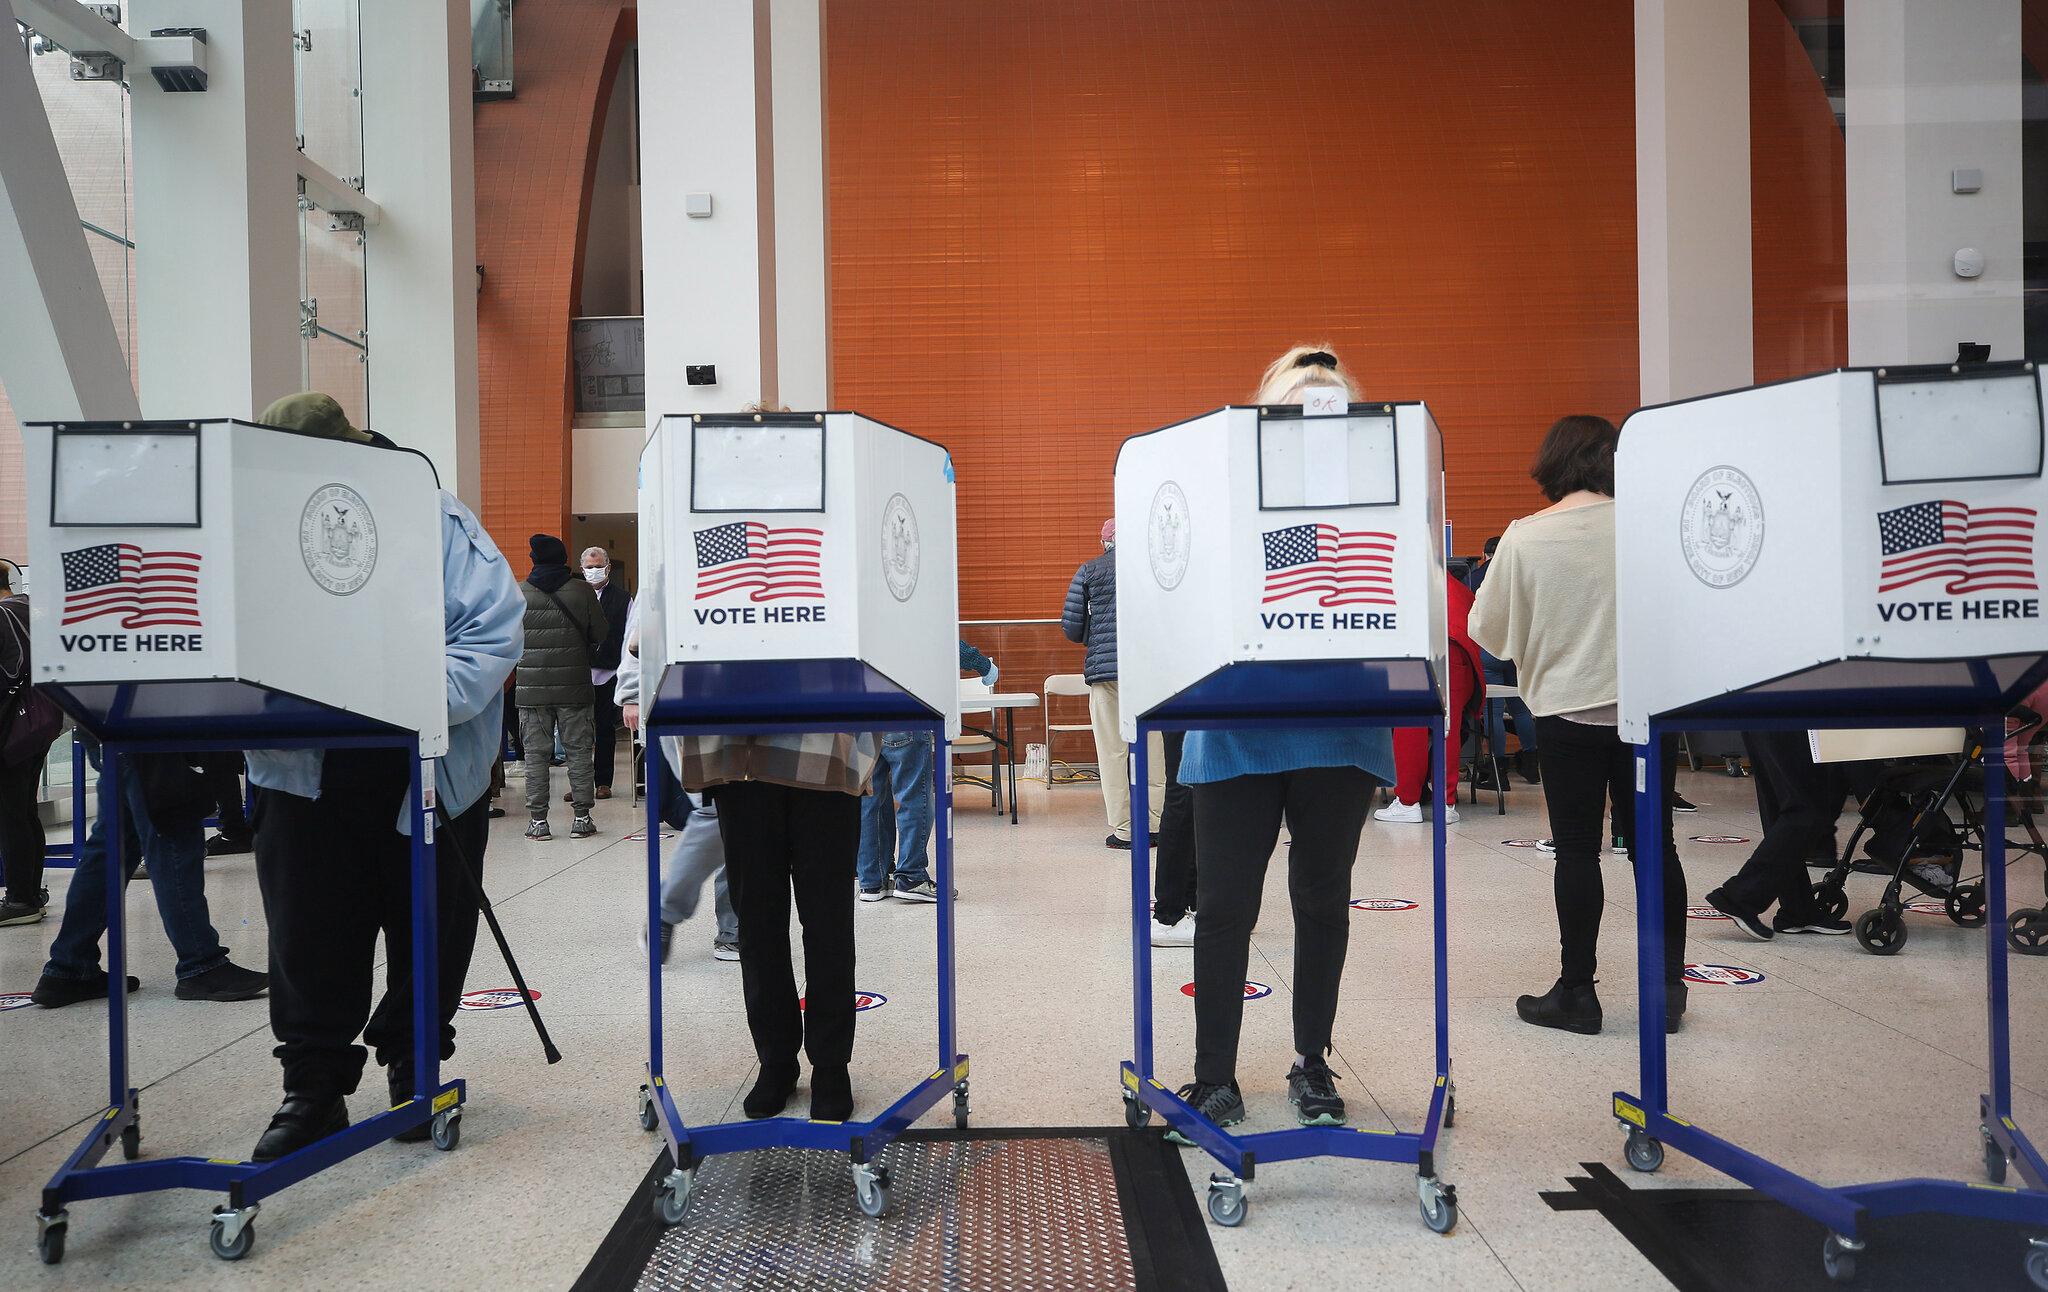 máquinas de votación